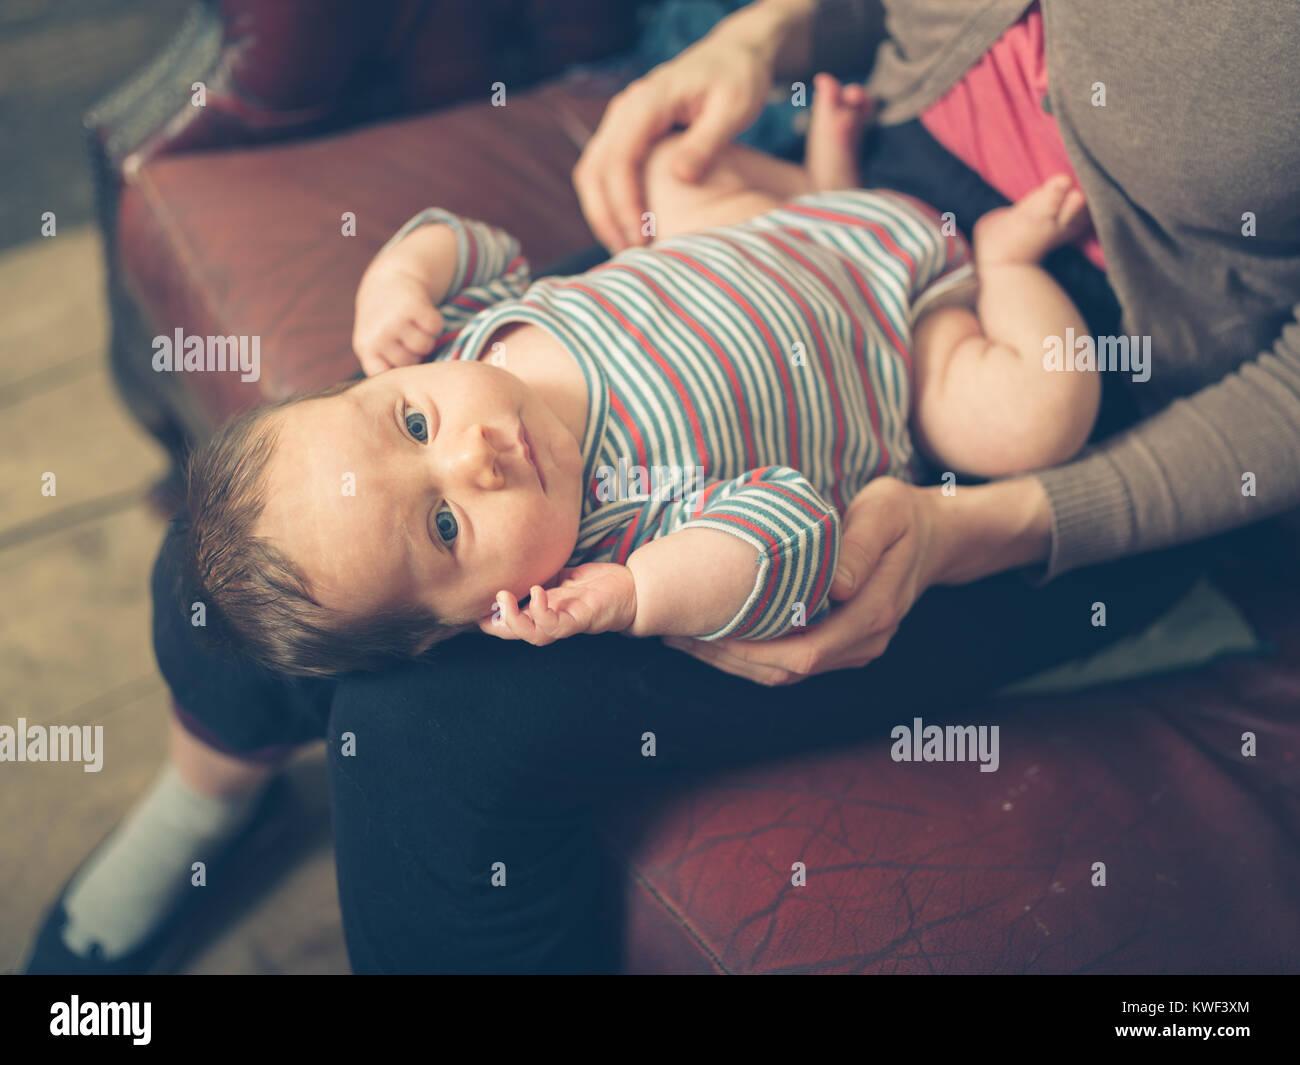 Un bambino felice sul grembo di sua madre a casa Immagini Stock